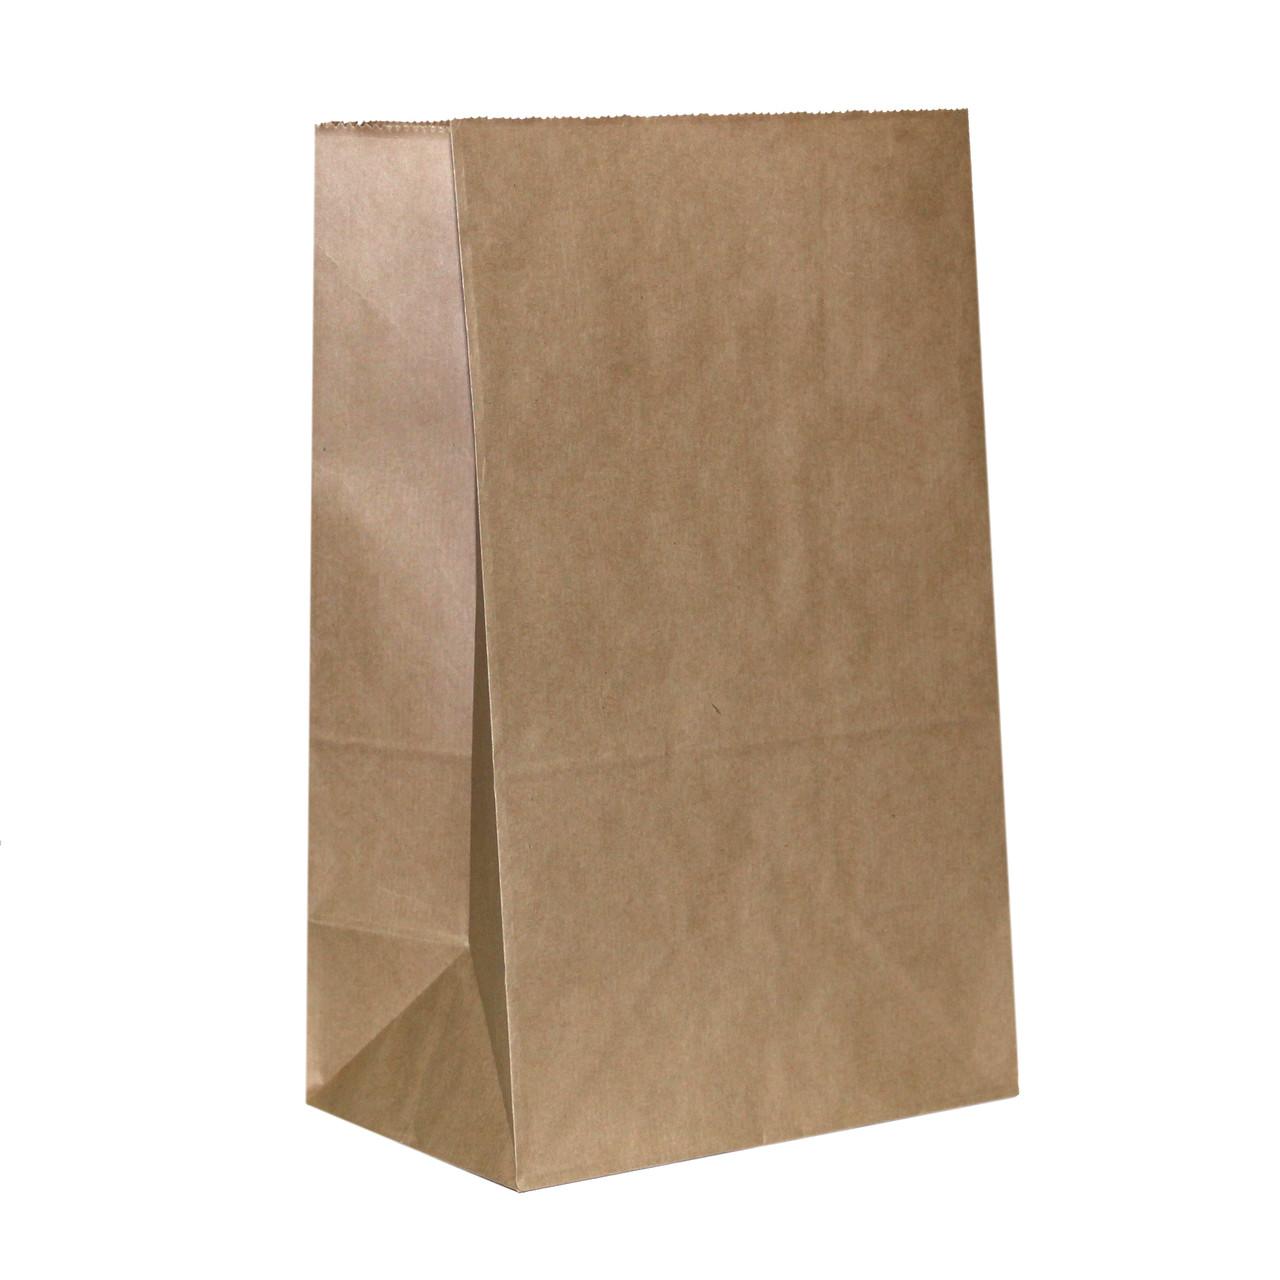 упаковочные пакеты бумажные без ручек